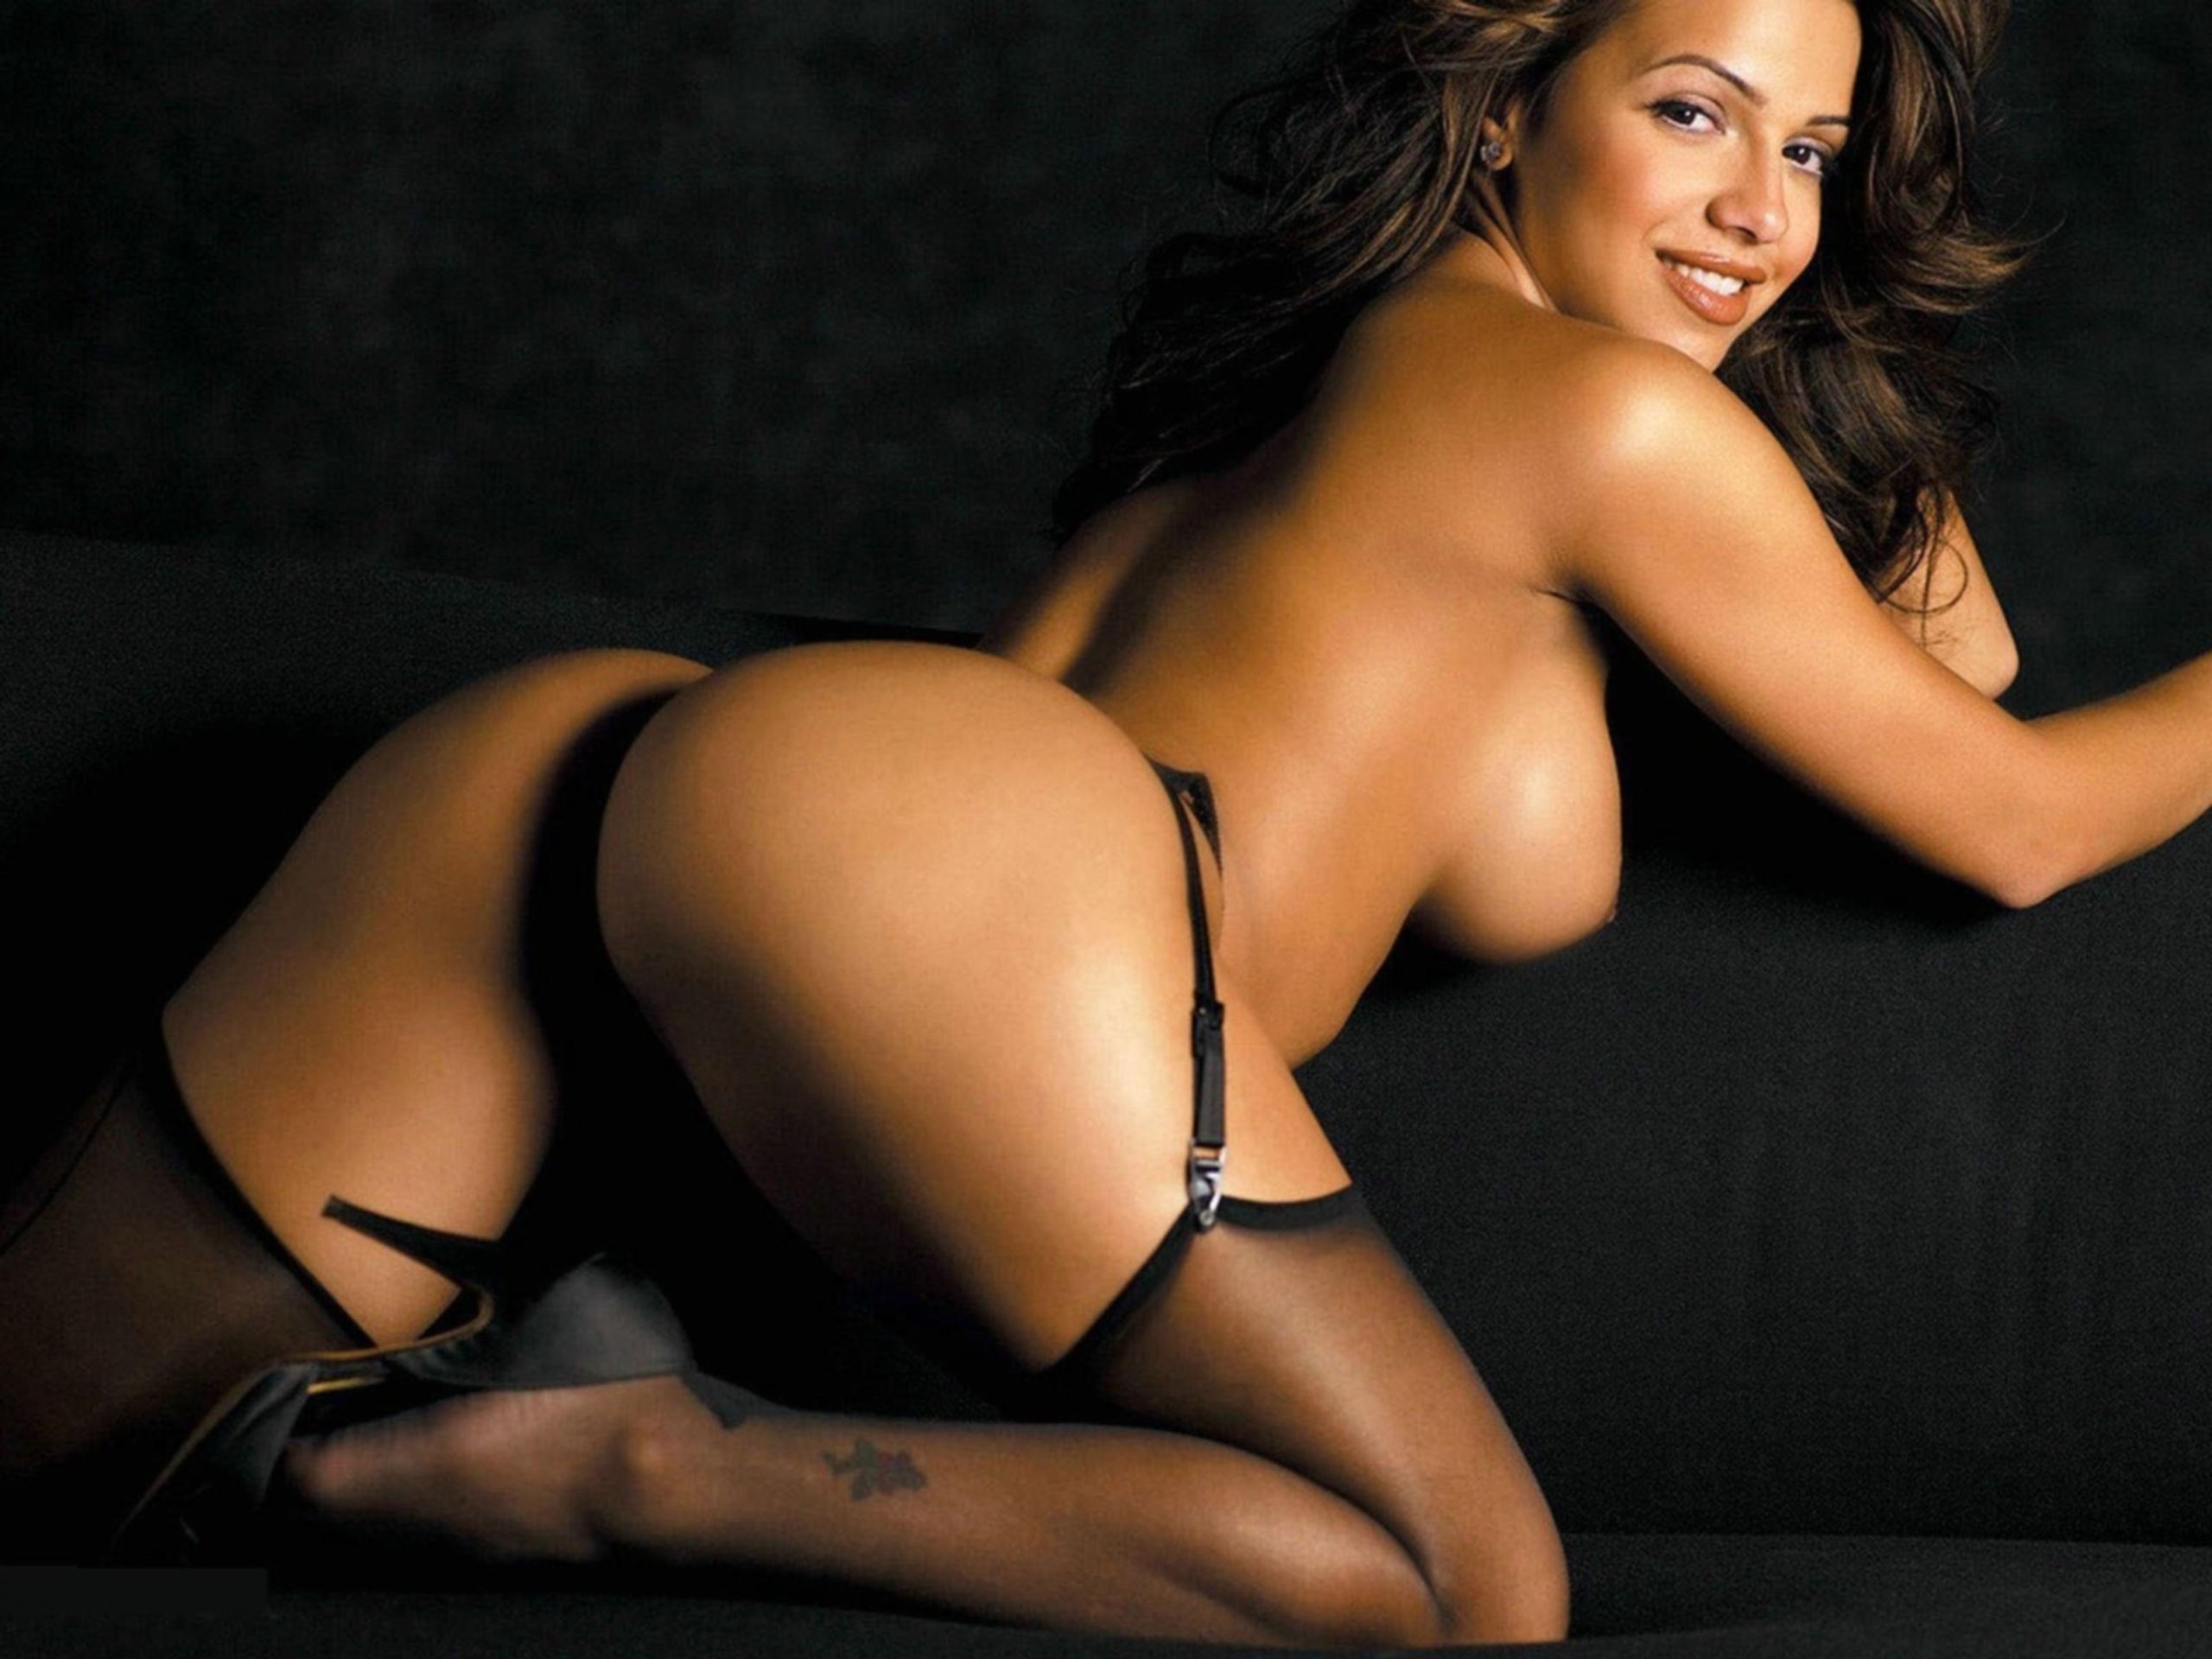 Самые популярные голые девушки 19 фотография